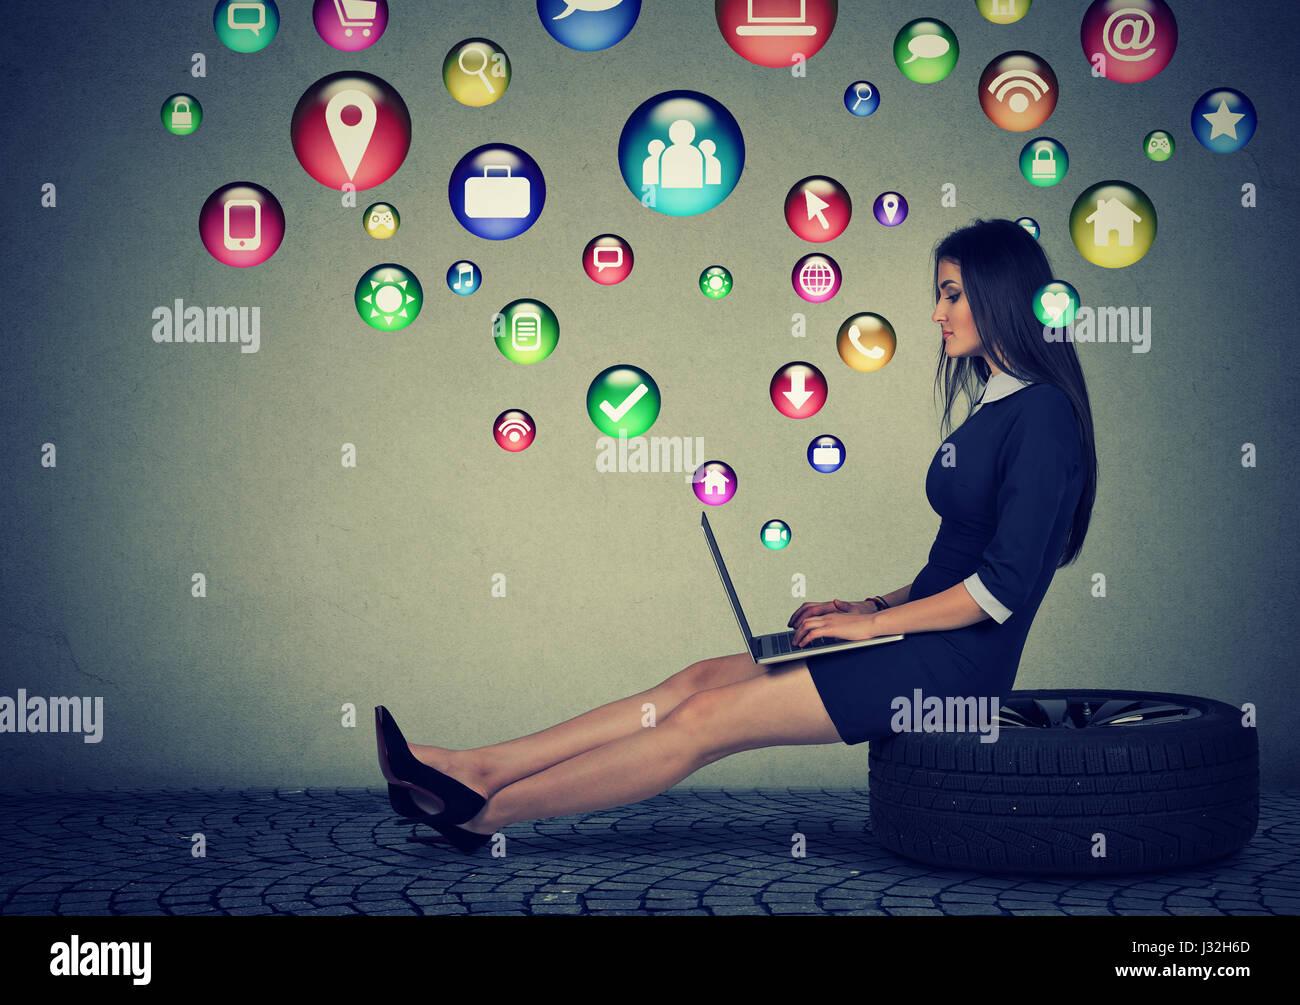 Giovane donna seduta su un pneumatico lavora su un computer portatile con i social media le icone delle applicazioni Immagini Stock